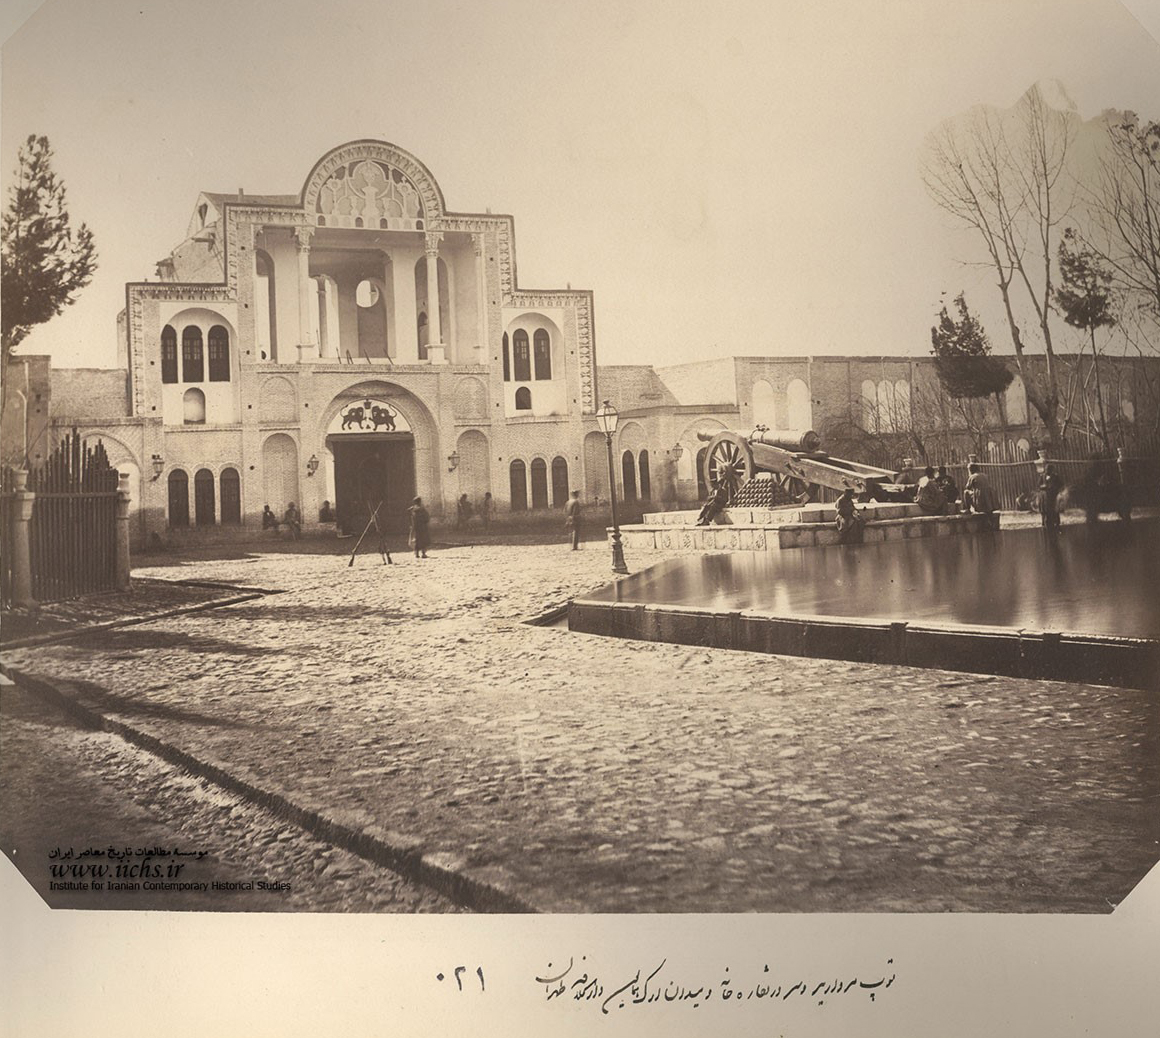 مجسمههای فیگور انسانی در میادین شهر تهران از دوره قاجار تا اواخر دهه 60